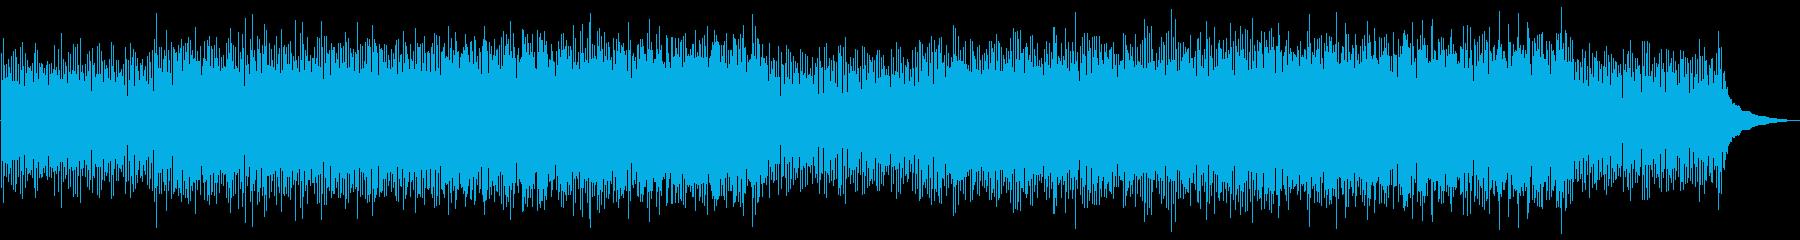 企業VP/CM 透明感あるピアノの再生済みの波形